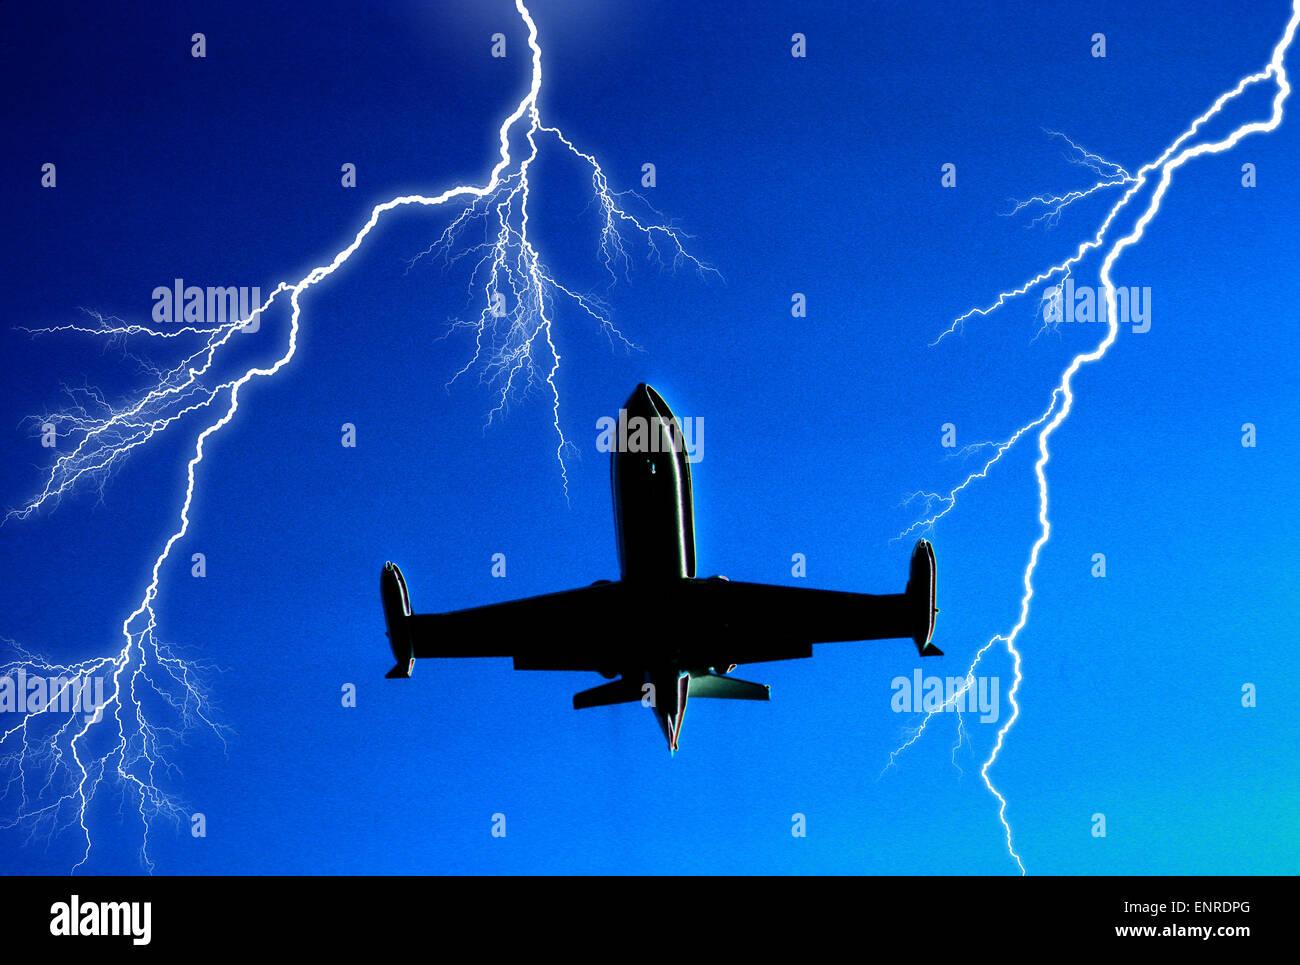 Volo aereo jet circondato da più di fulmini Immagini Stock